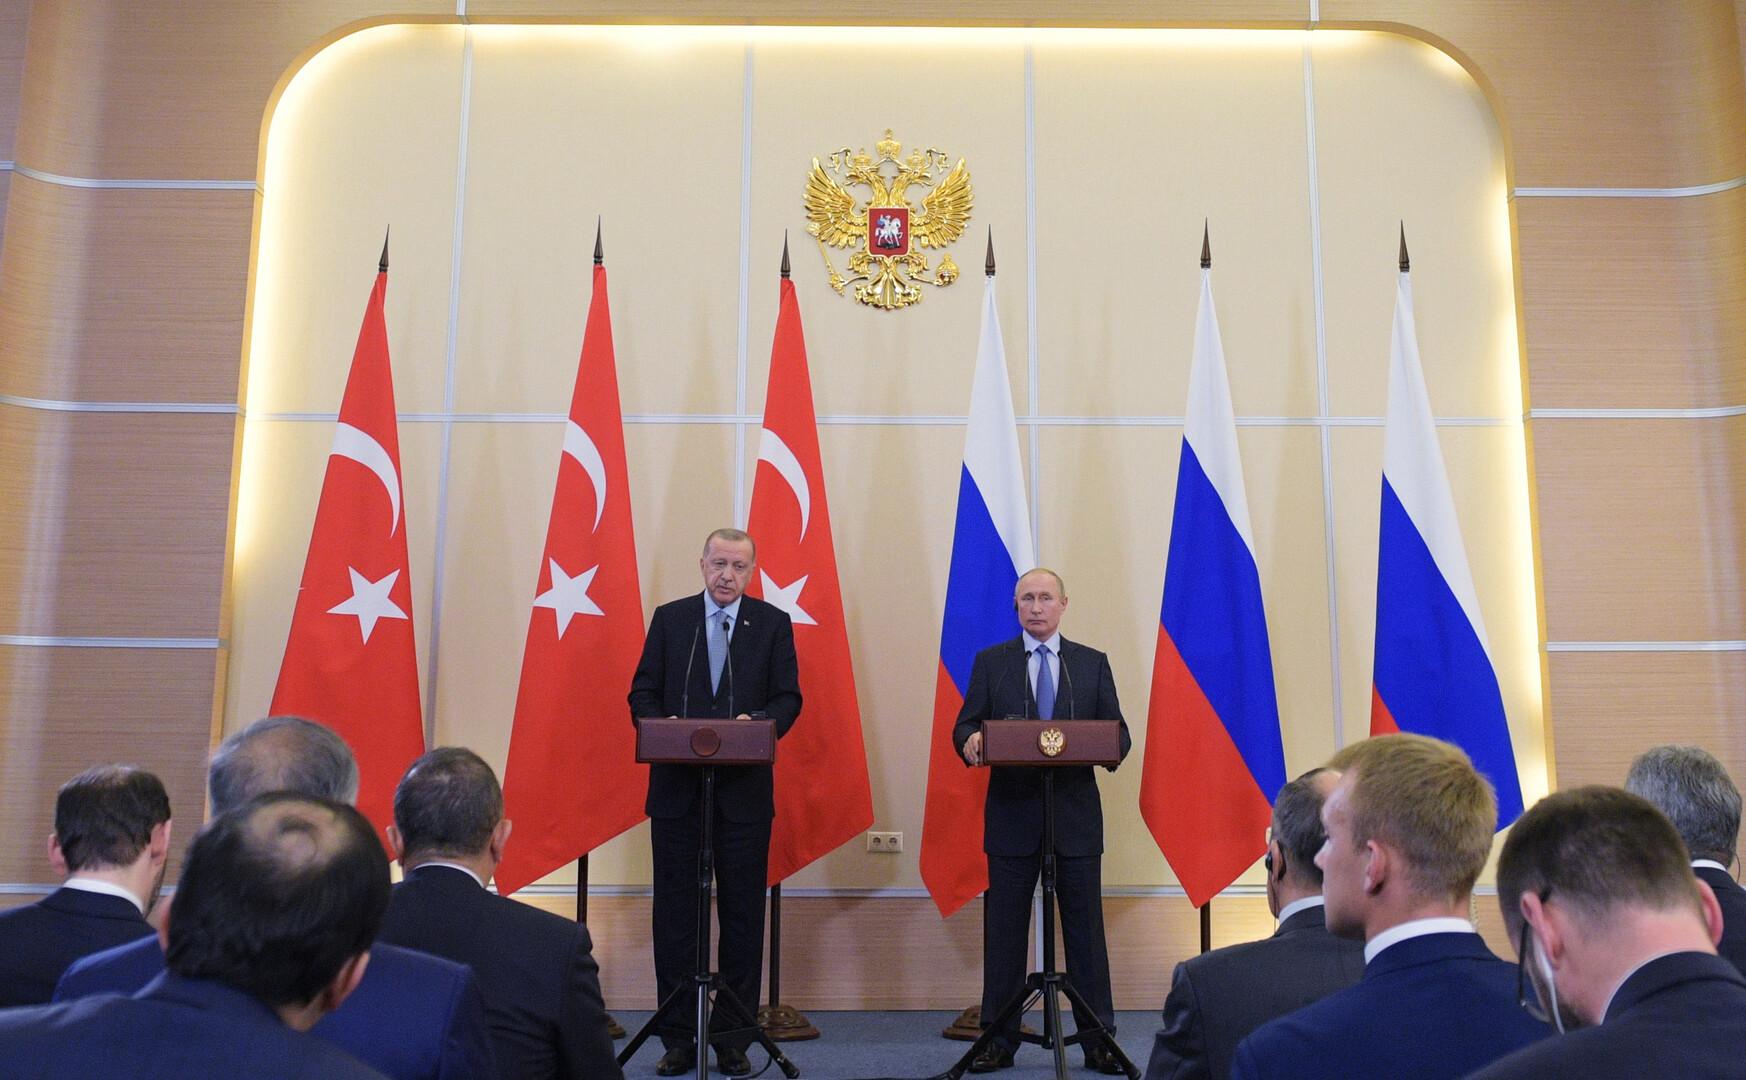 بنود الاتفاق الروسي - التركي بخصوص الوضع في شمالي سوريا